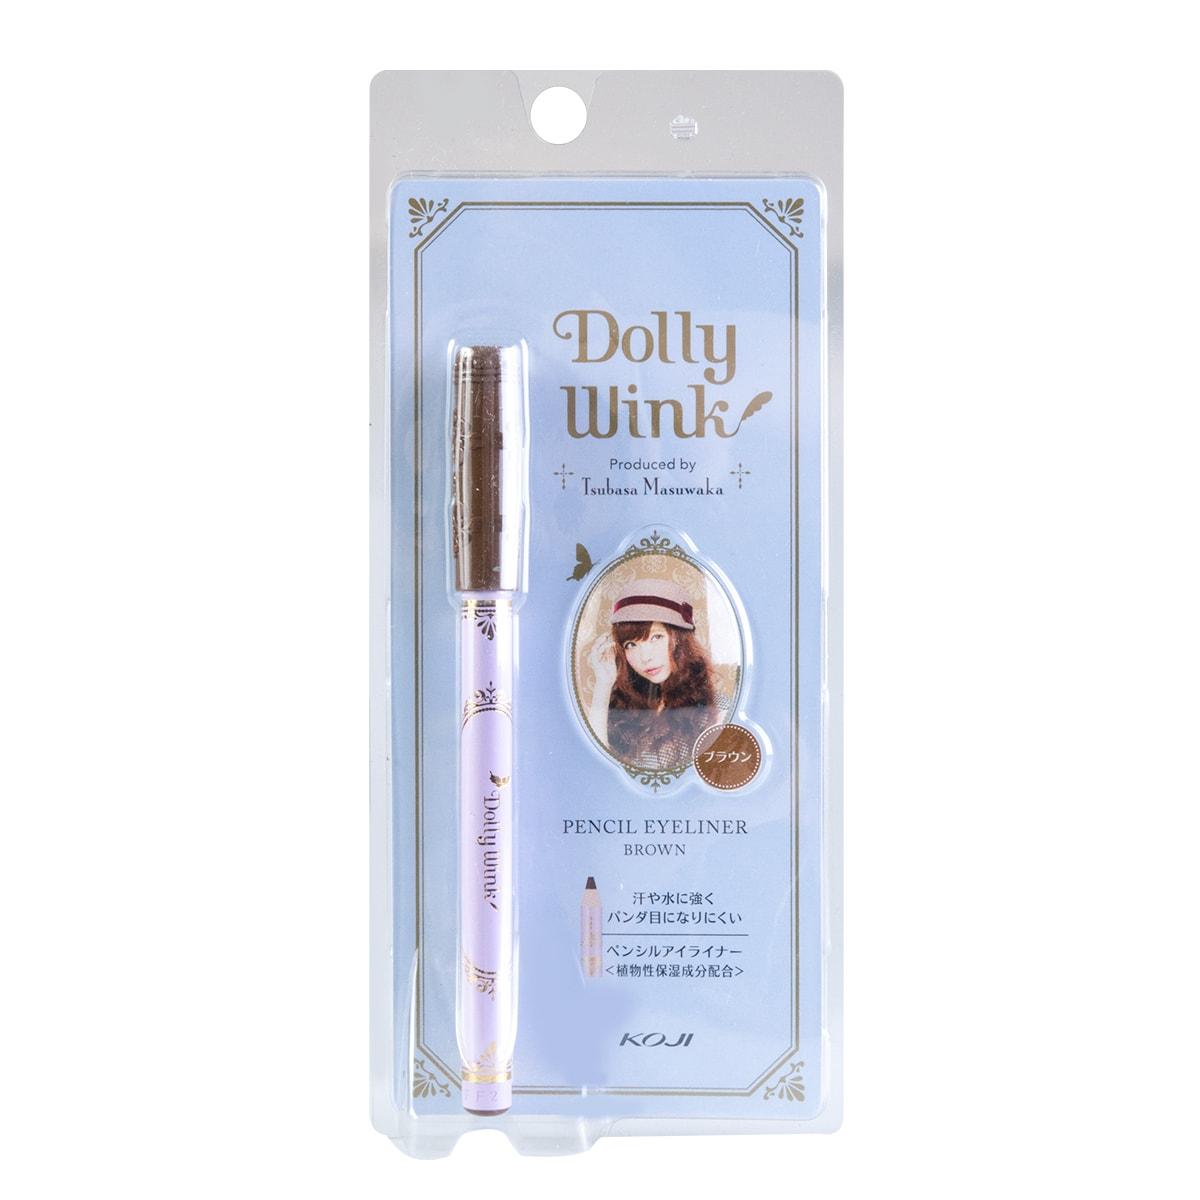 日本KOJI蔻吉 DOLLY WINK 防水防晕染眼线笔 #深棕色 单支入